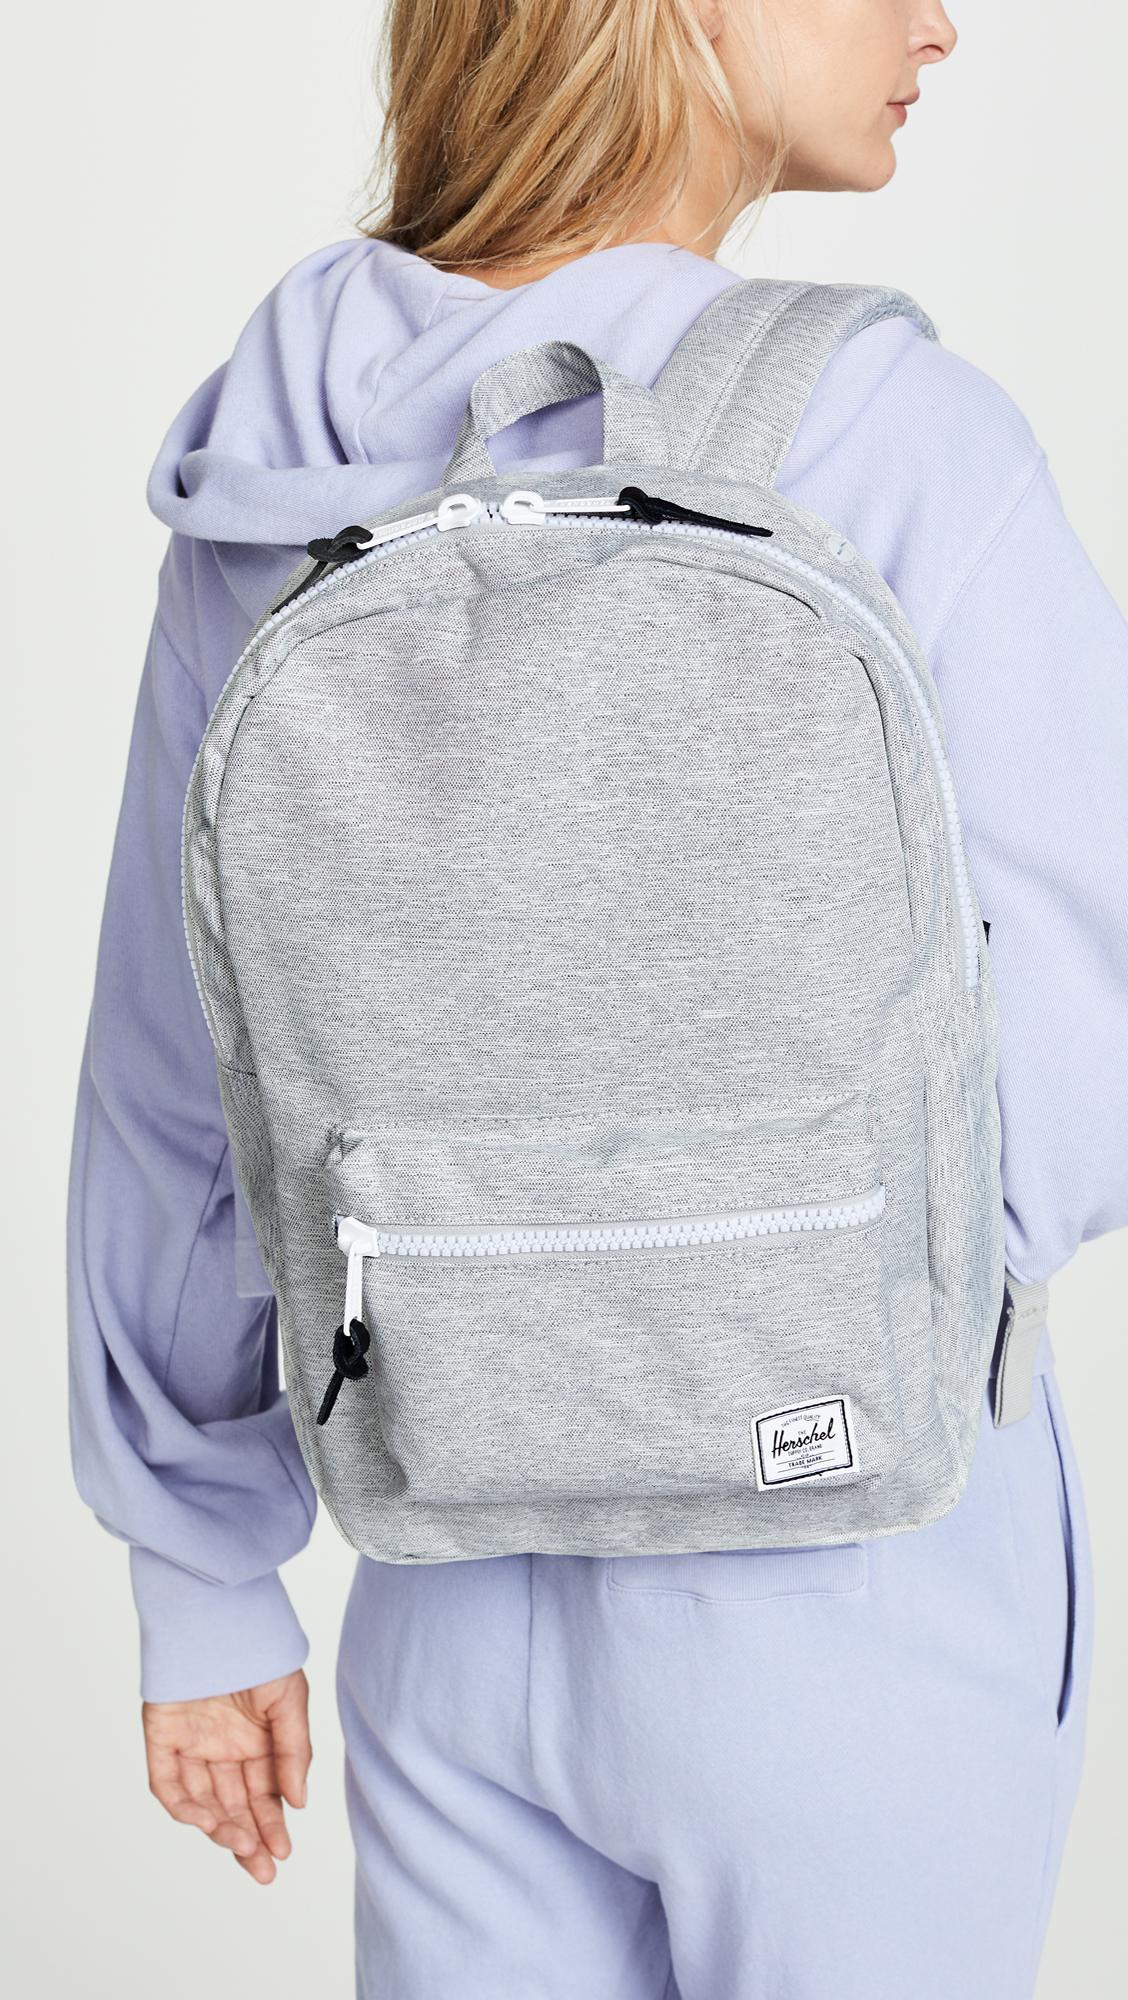 08d72698591 Herschel Supply Co. - Gray Settlement Mid Volume Backpack - Lyst. View  fullscreen